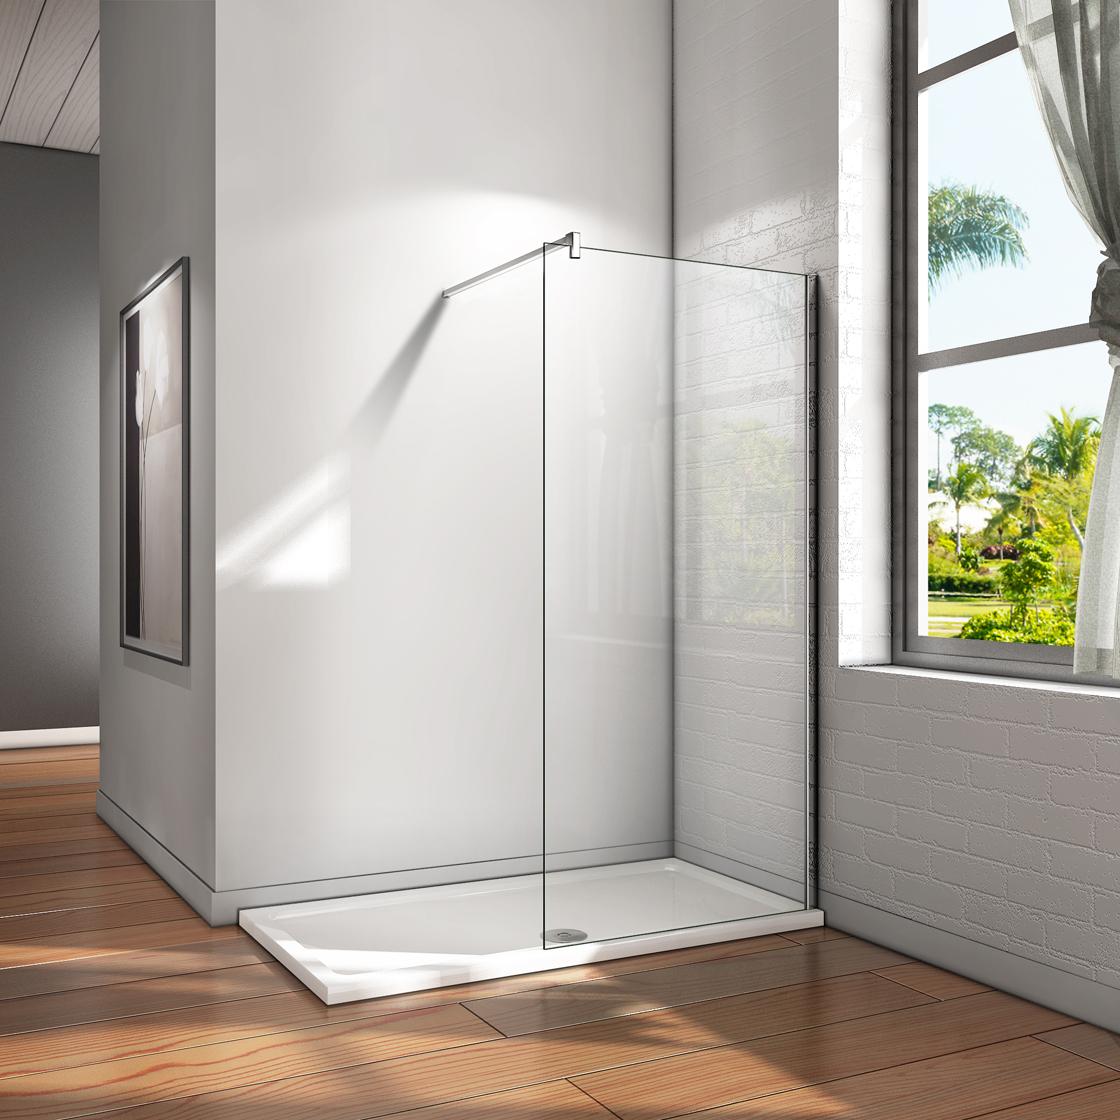 Bifold shower door shower enclosure screen panel 700 760 for 1000 bifold shower door